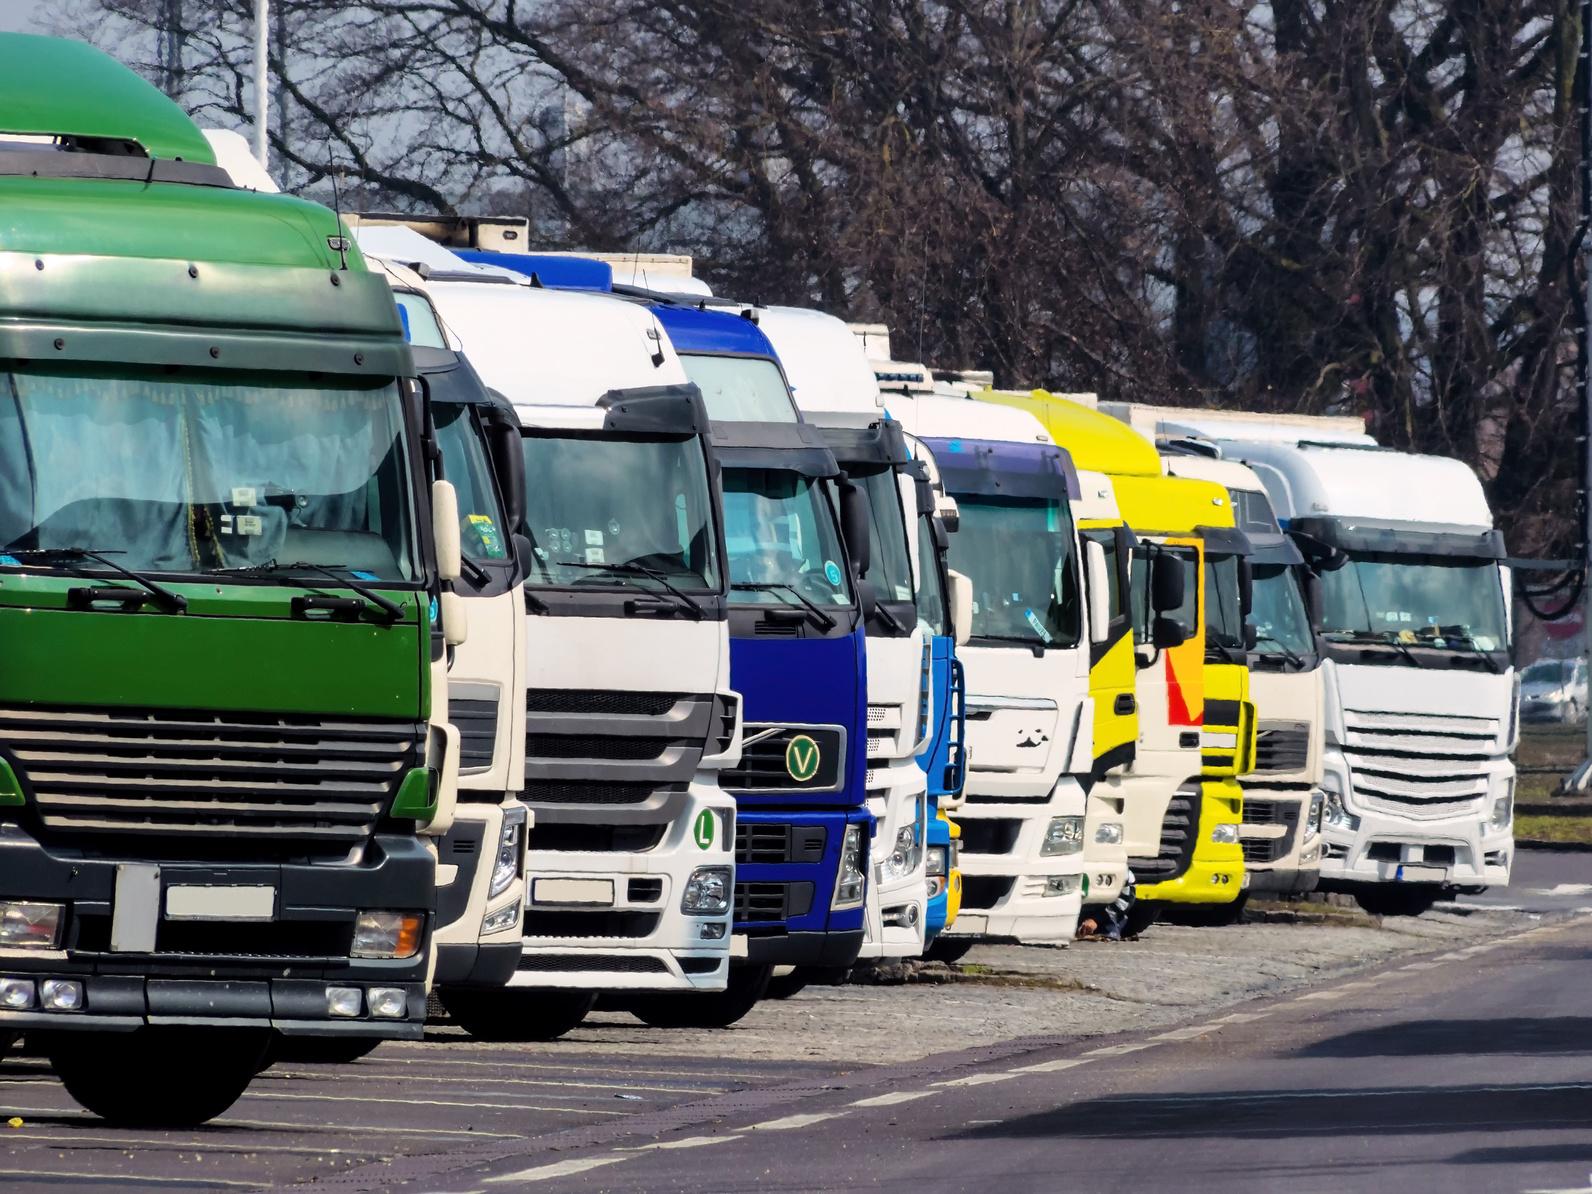 Lenk- und Ruhezeiten für LKW-Fahrer im Blick: Lkws auf einem Rastplatz. (#01)